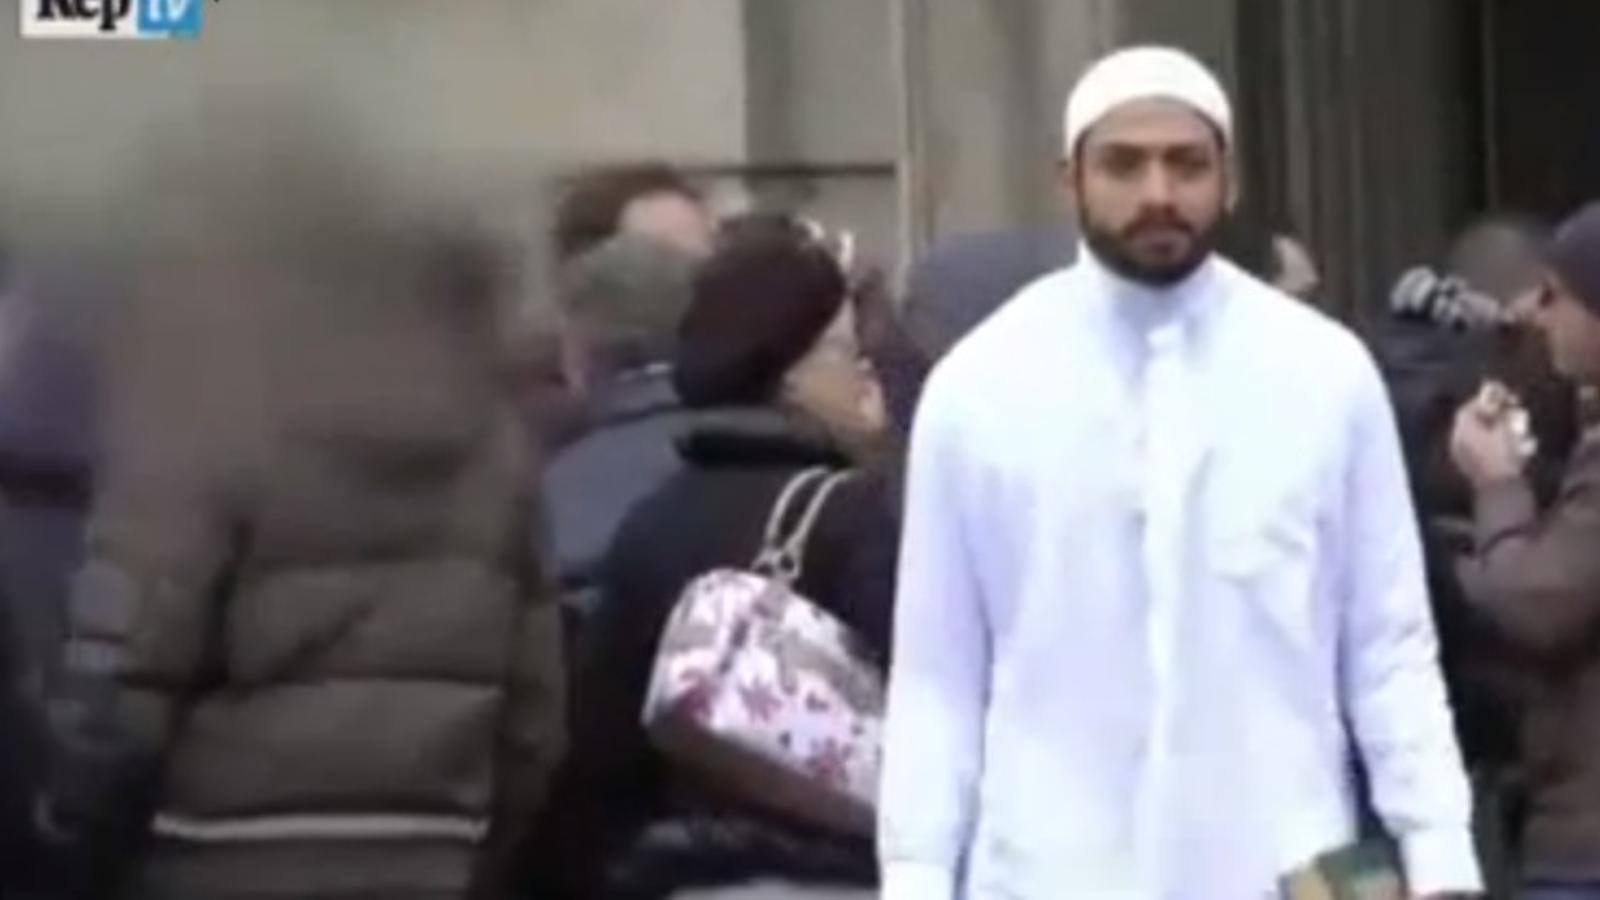 Talibà de merda: així reaccionen els milanesos davant d'un jove vestit amb la roba tradicional islàmica